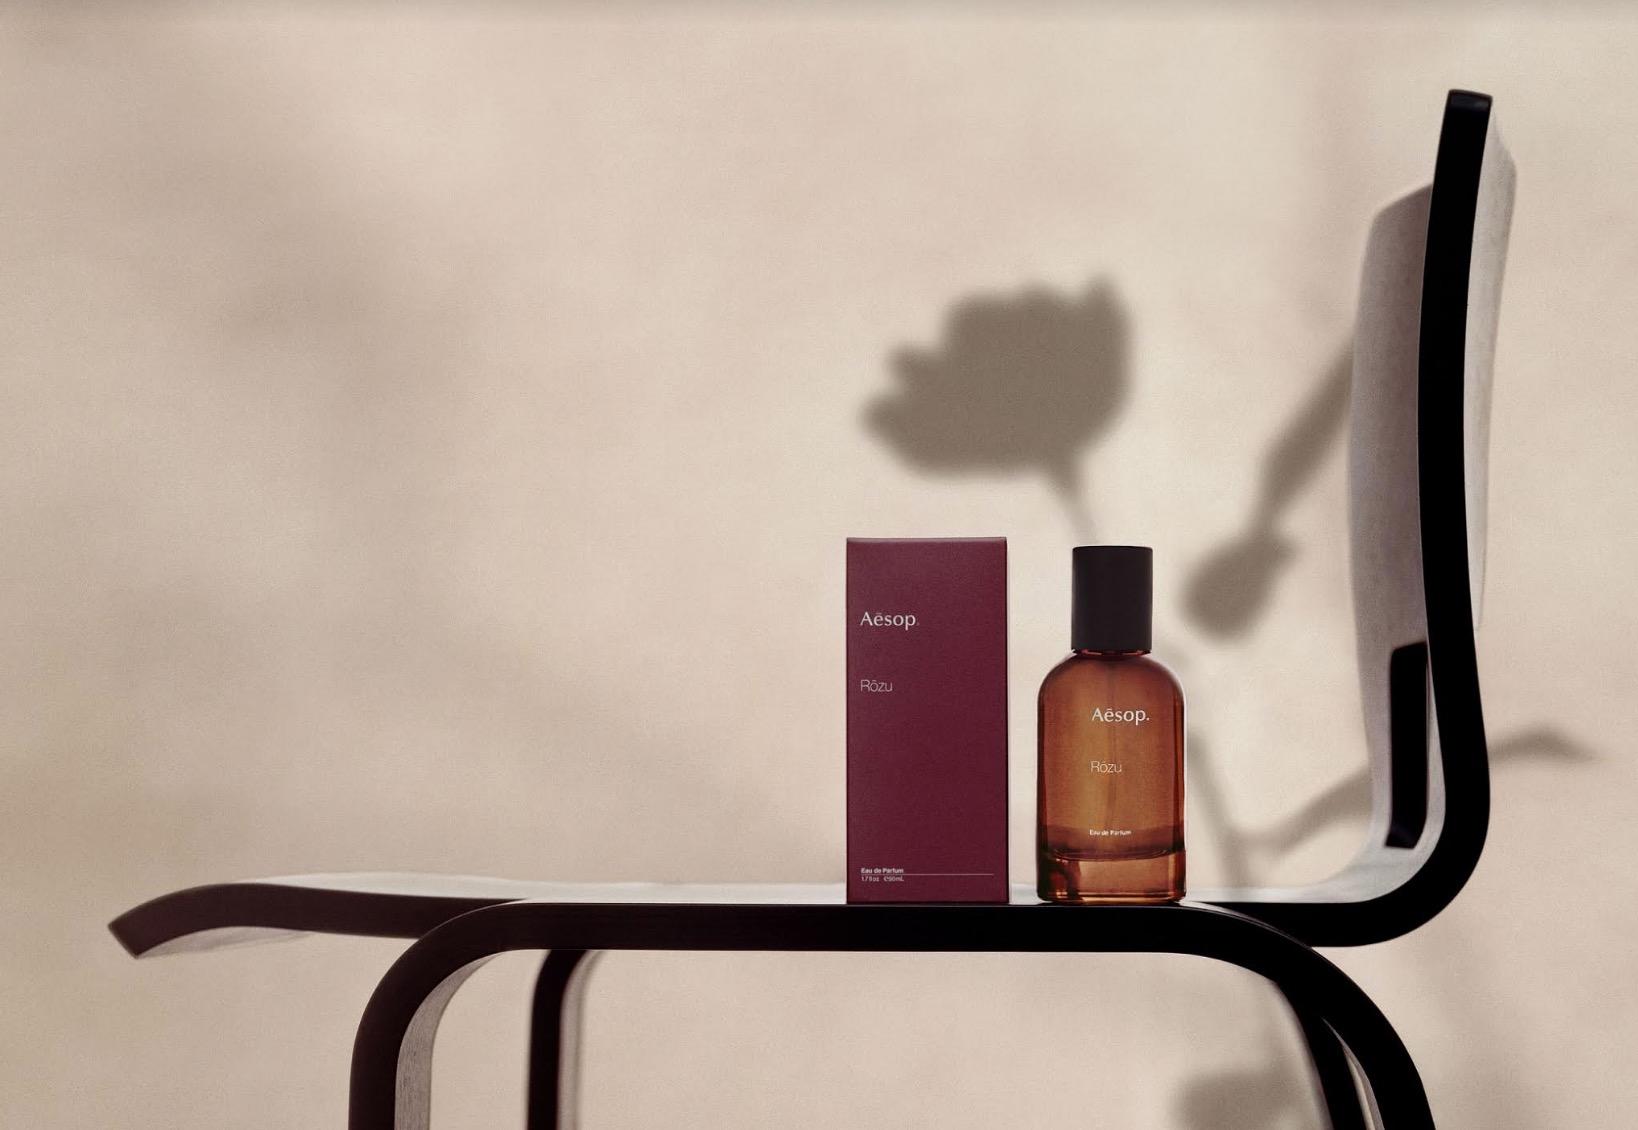 此款香水的氣味強烈而柔和,細微且廣闊,以優異的持香度,吸引不分性別的香氛愛好者。